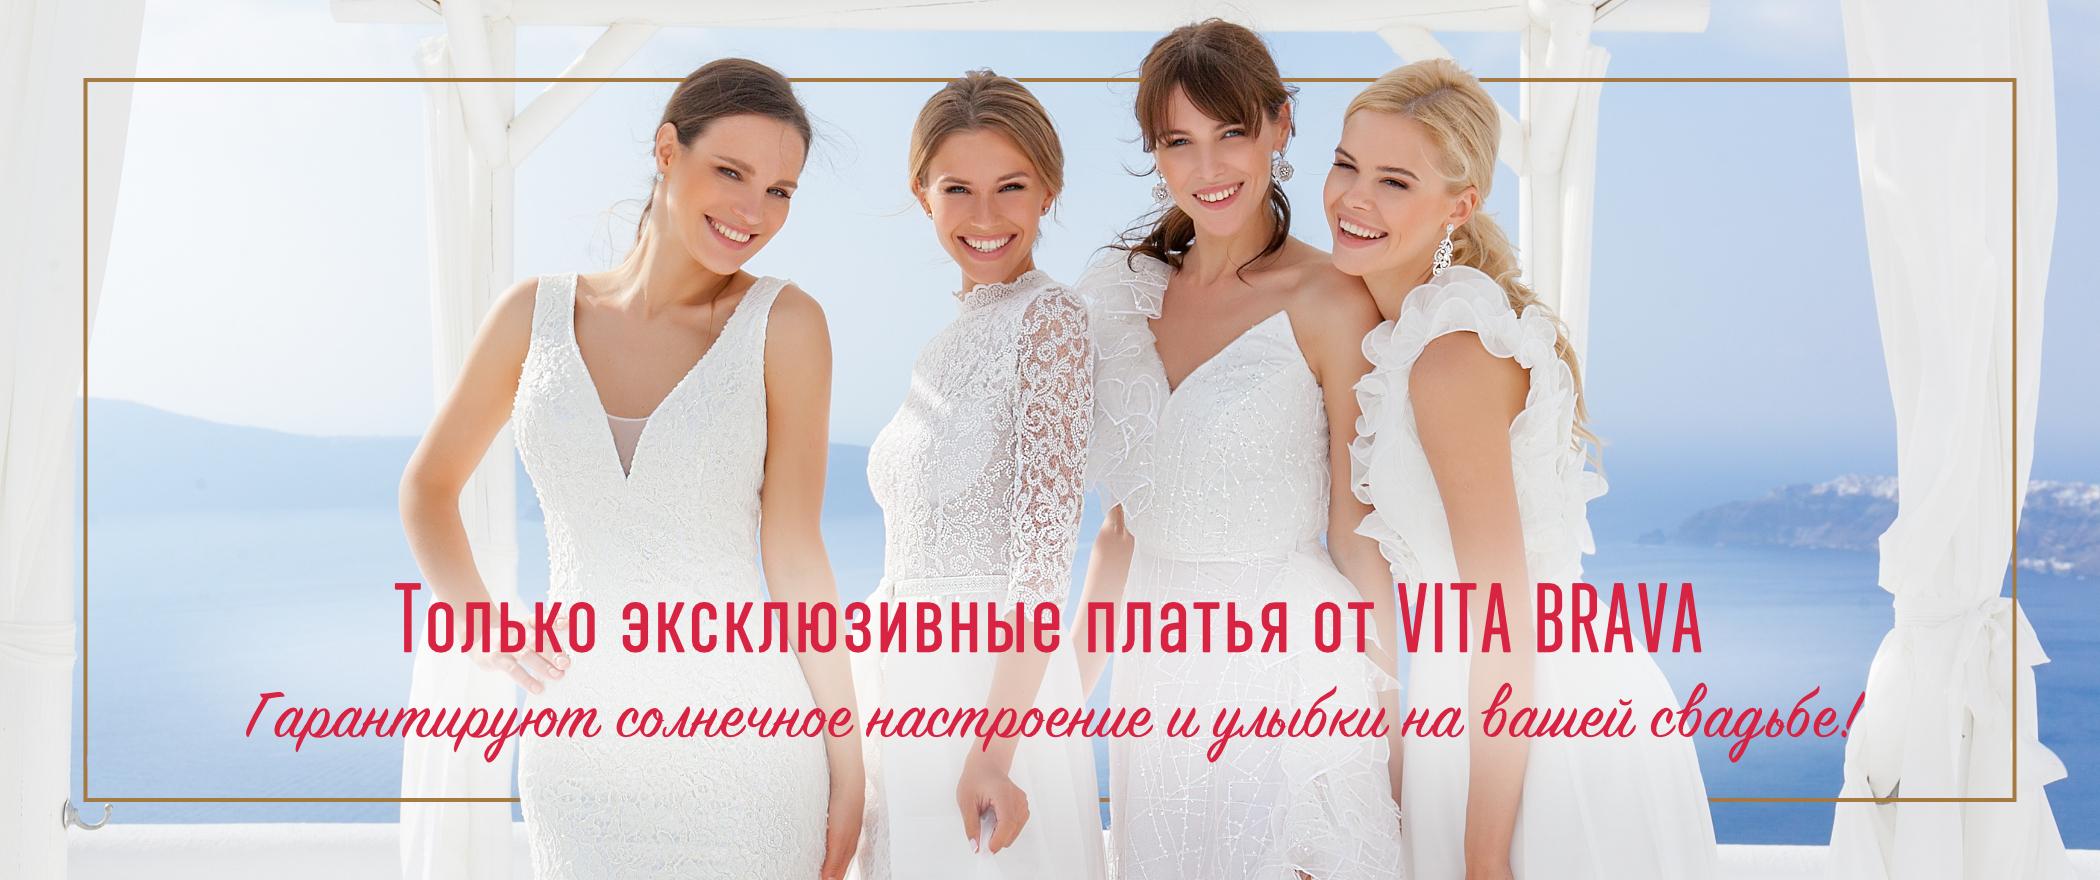 ec357a2c781 Свадебные платья  недорого в Москве